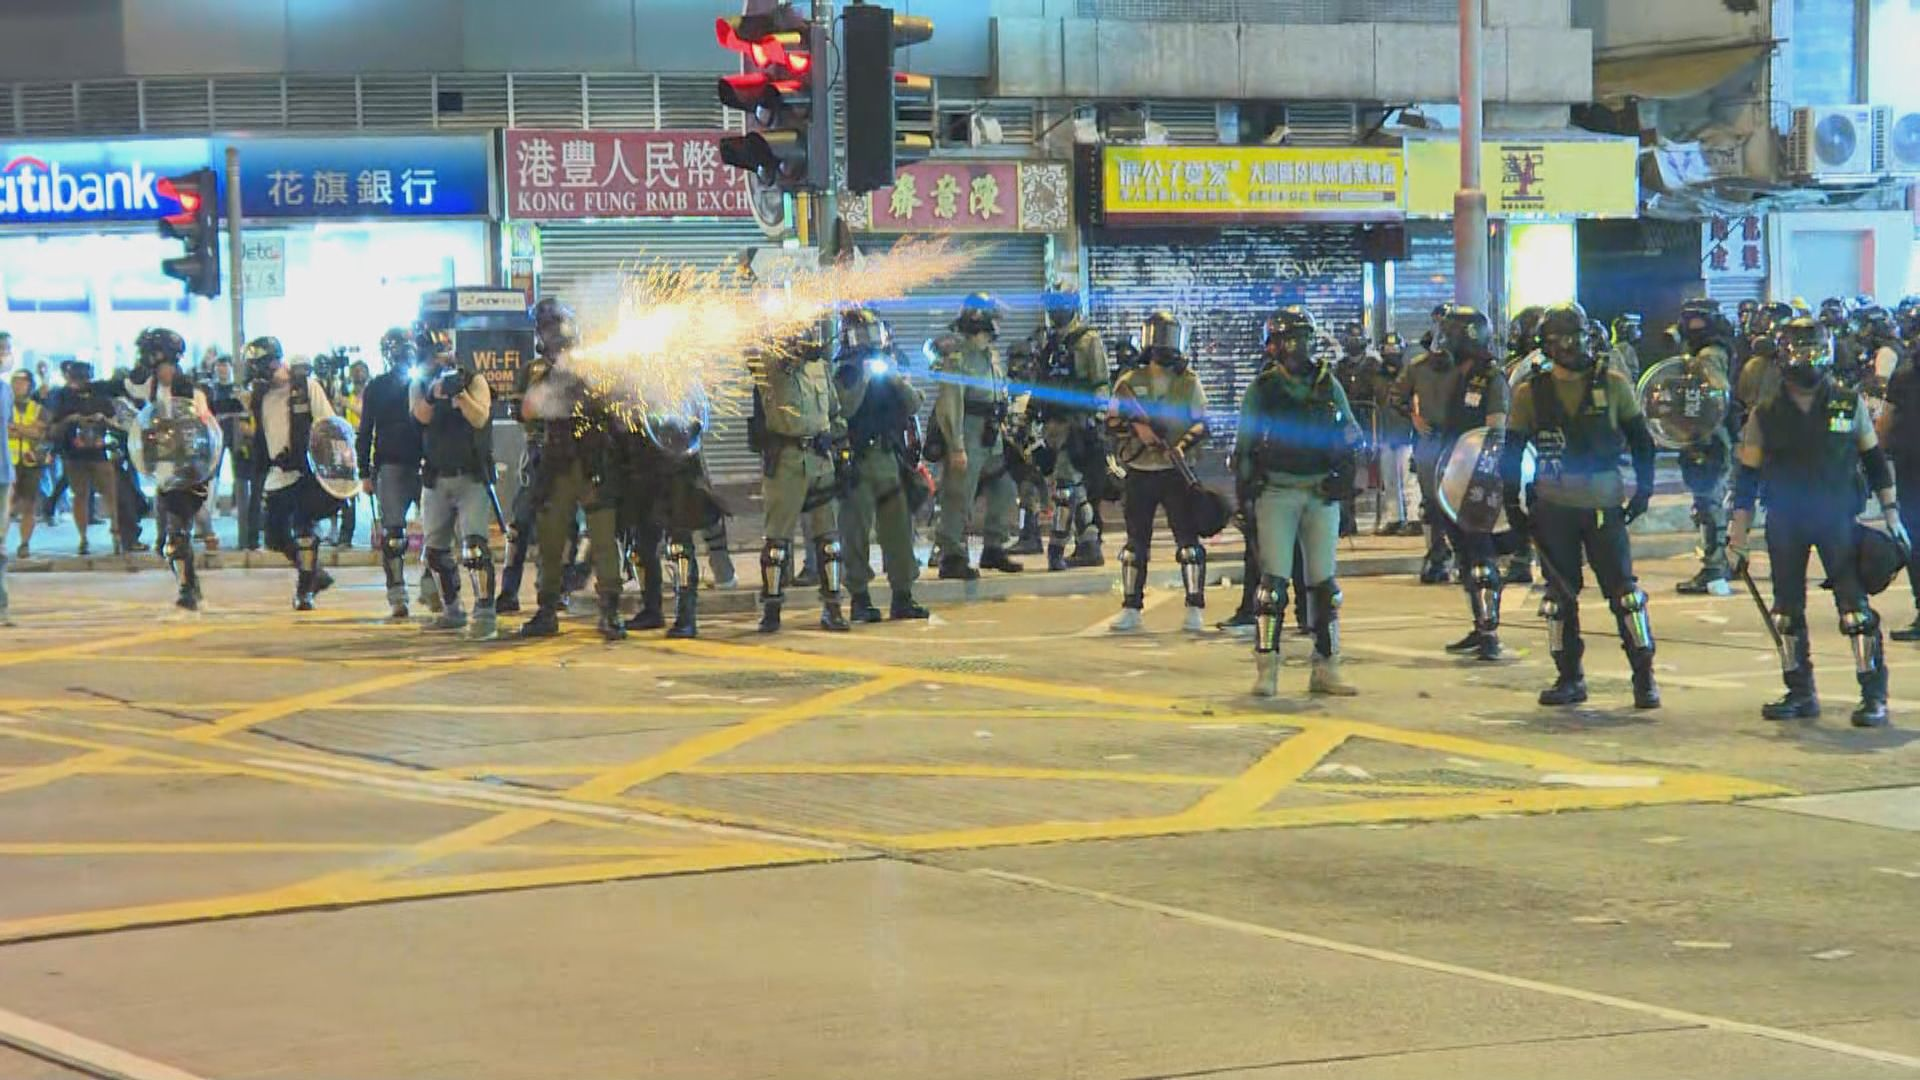 港鐵太子站外人群聚集 警方發射催淚彈驅散